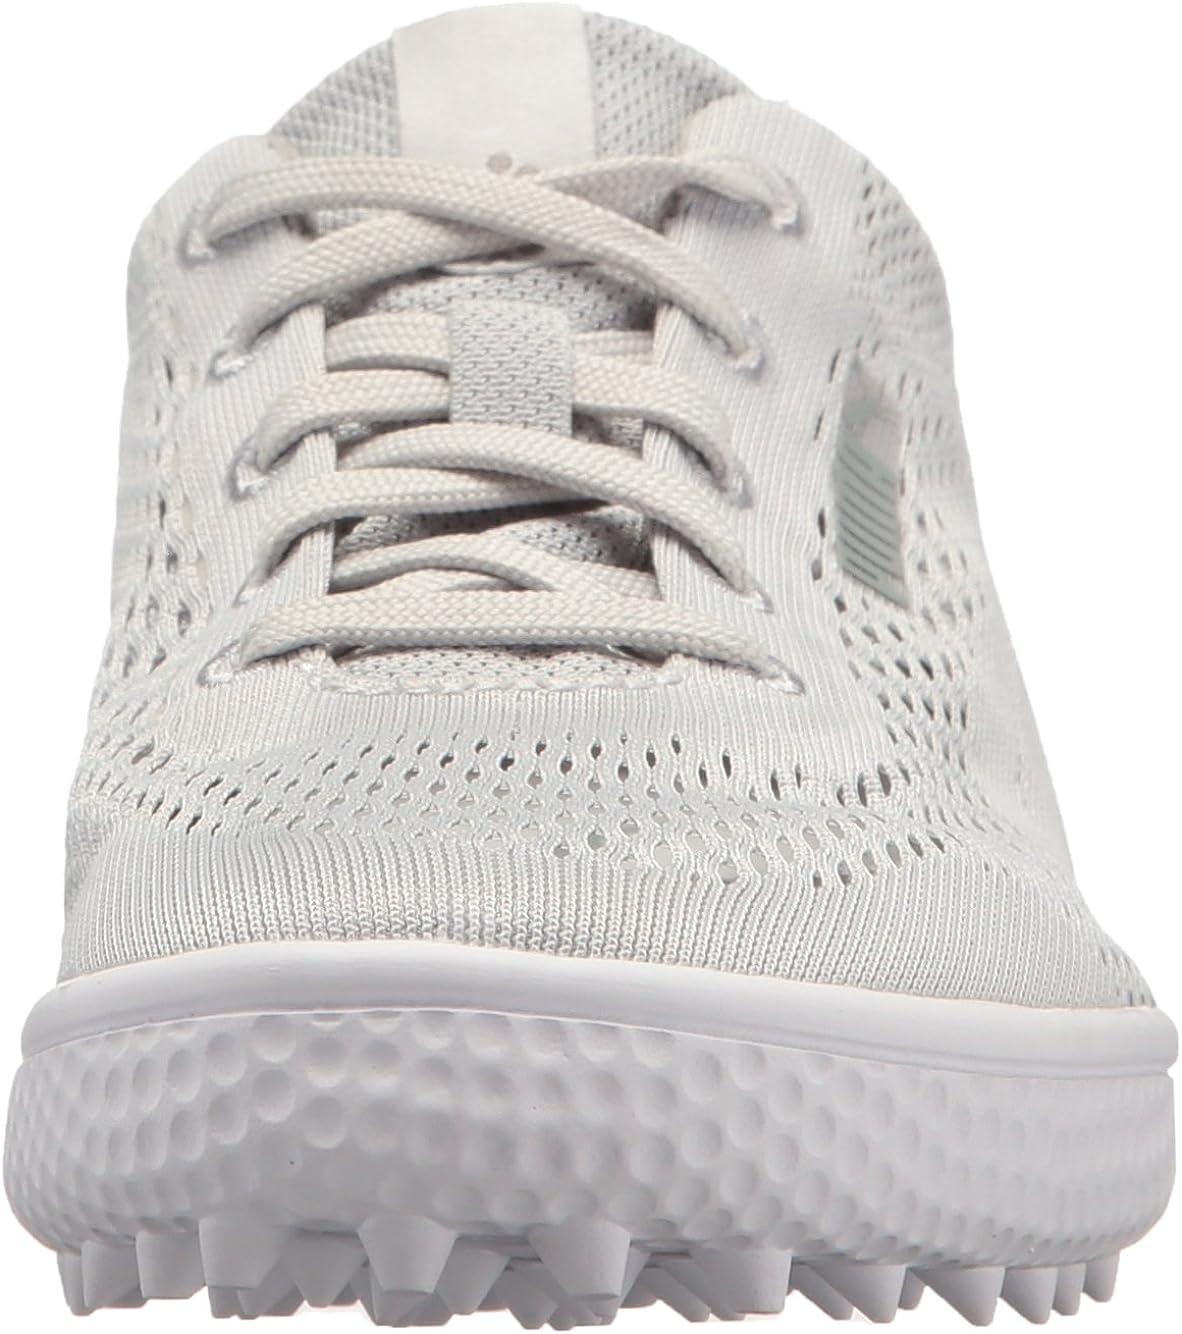 Amazon.com: Puma Monolite Cat - Zapatillas de golf para ...